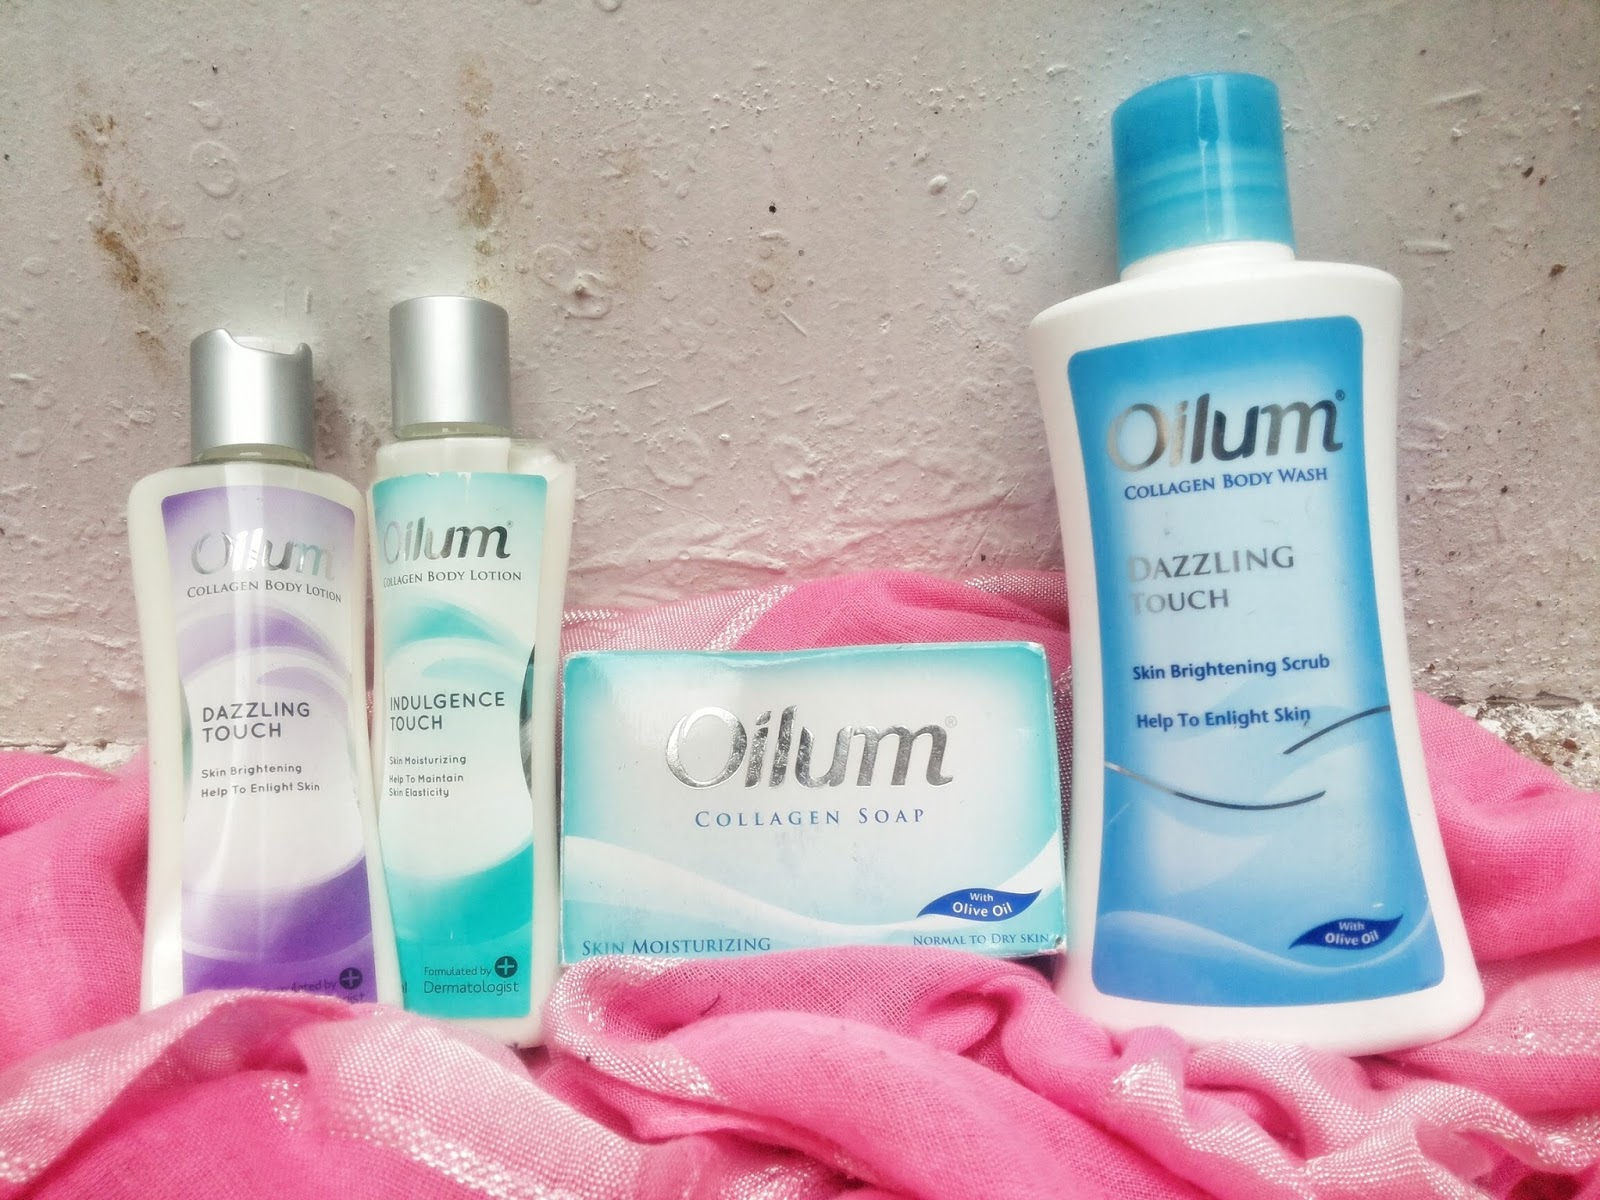 Cerita Cha Oilum Perawatan Tubuh Dengan Collagen Brightening Care Body Butter Untuk Ibu Hamil Sebenarnya Tidak Apa Karena Kandungan Lactid Acid Masih Tergolong Aman Tapi Kalau Sreg Ya Jangan Dipakai